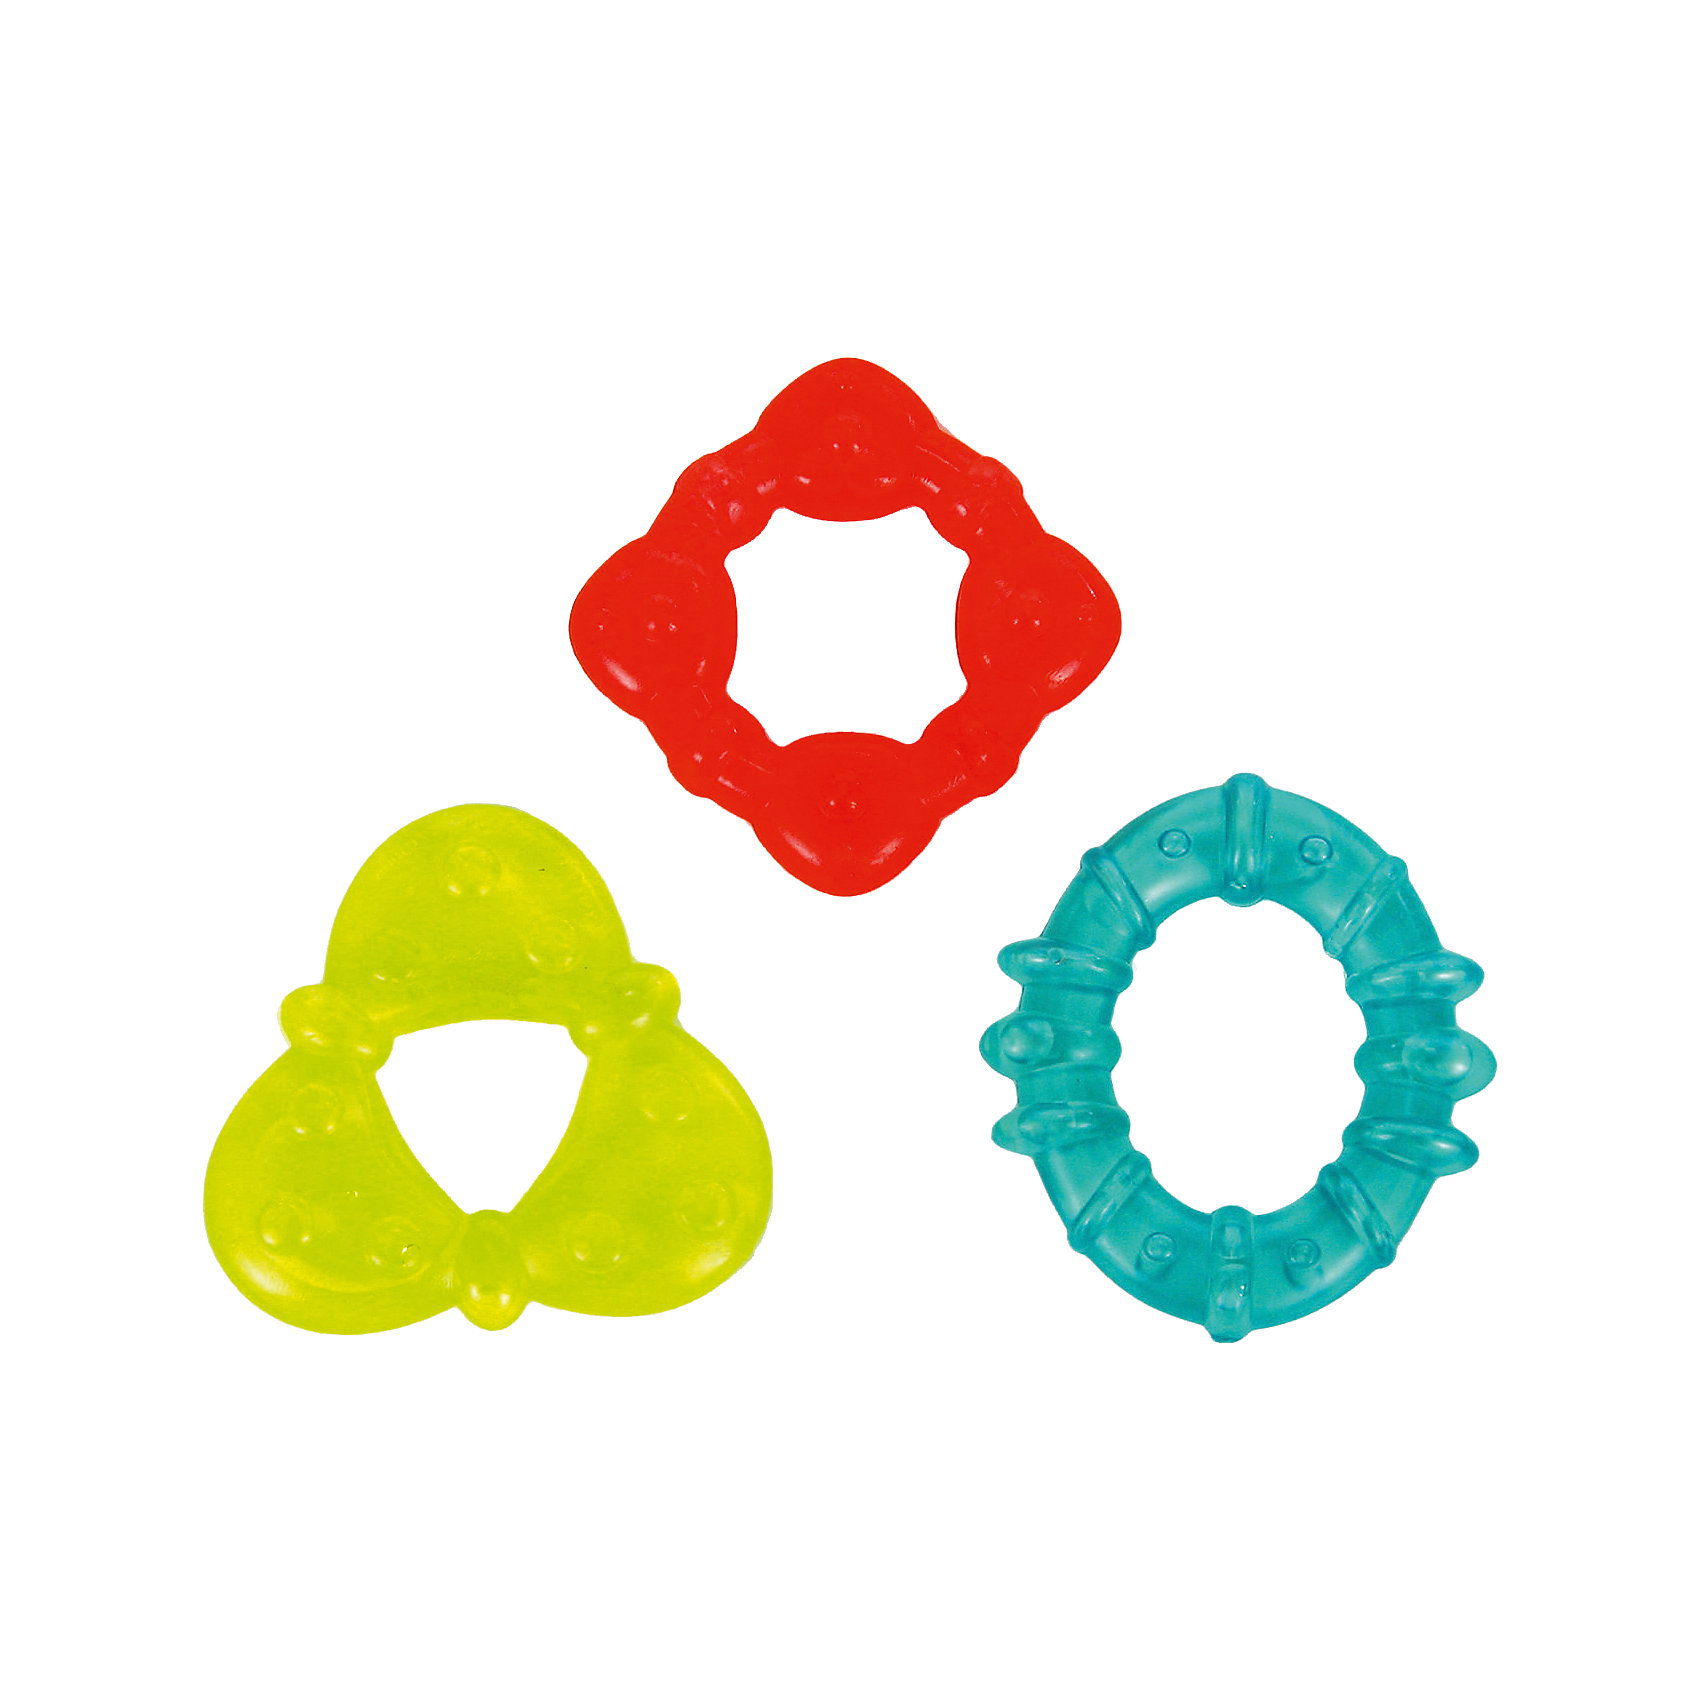 Набор прорезывателей Холодок Bright StartsПрорезыватели<br>Мягкие прорезыватели помогут успокоиться ребёнку, когда у него появляются зубки!<br><br>ОСОБЕННОСТИ<br>Мягкие прорезыватели для зубок наполненные водой<br>Яркие цвета и разные текстуры<br>Форма, которую легко хватать маленькими ручками<br><br>Дополнительные характеристики<br>  в наборе 3 шт.<br>  размеры товара: 7,5 * 4 * 7,5 см<br>  размеры коробки: 14 * 4 * 19 см<br><br>Набор прорезывателей Холодок Bright Starts (Брайт Стартс) можно купить в нашем интернет-магазине.<br><br>Ширина мм: 193<br>Глубина мм: 144<br>Высота мм: 22<br>Вес г: 102<br>Возраст от месяцев: 3<br>Возраст до месяцев: 12<br>Пол: Унисекс<br>Возраст: Детский<br>SKU: 2225520